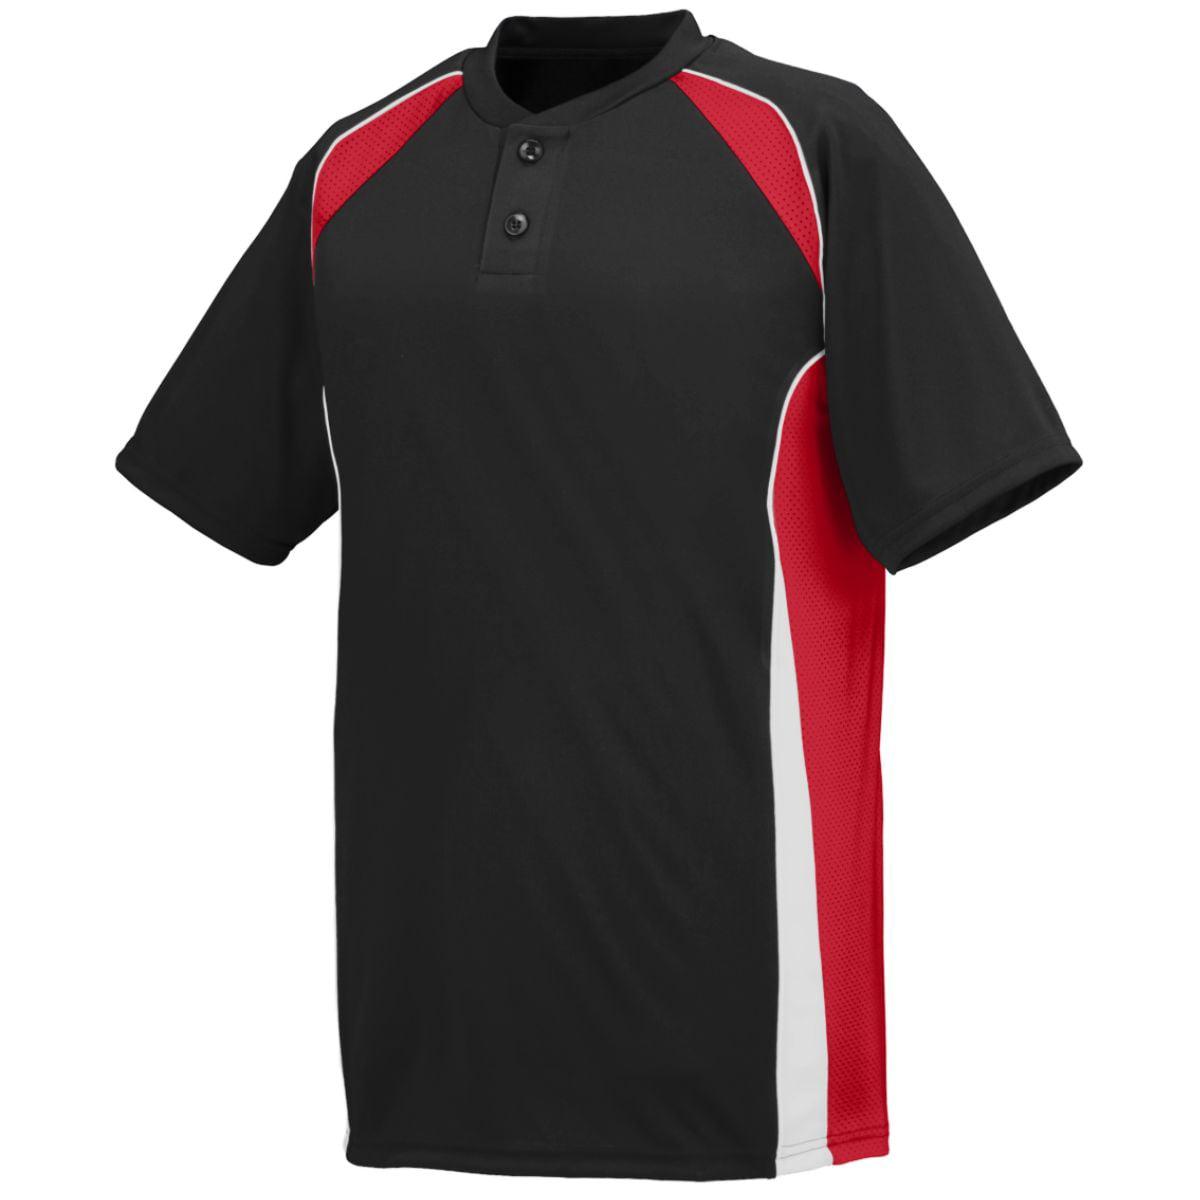 AG1540 Augusta Sportswear Sports Uniform Jersey Men's Base Hit by Augusta